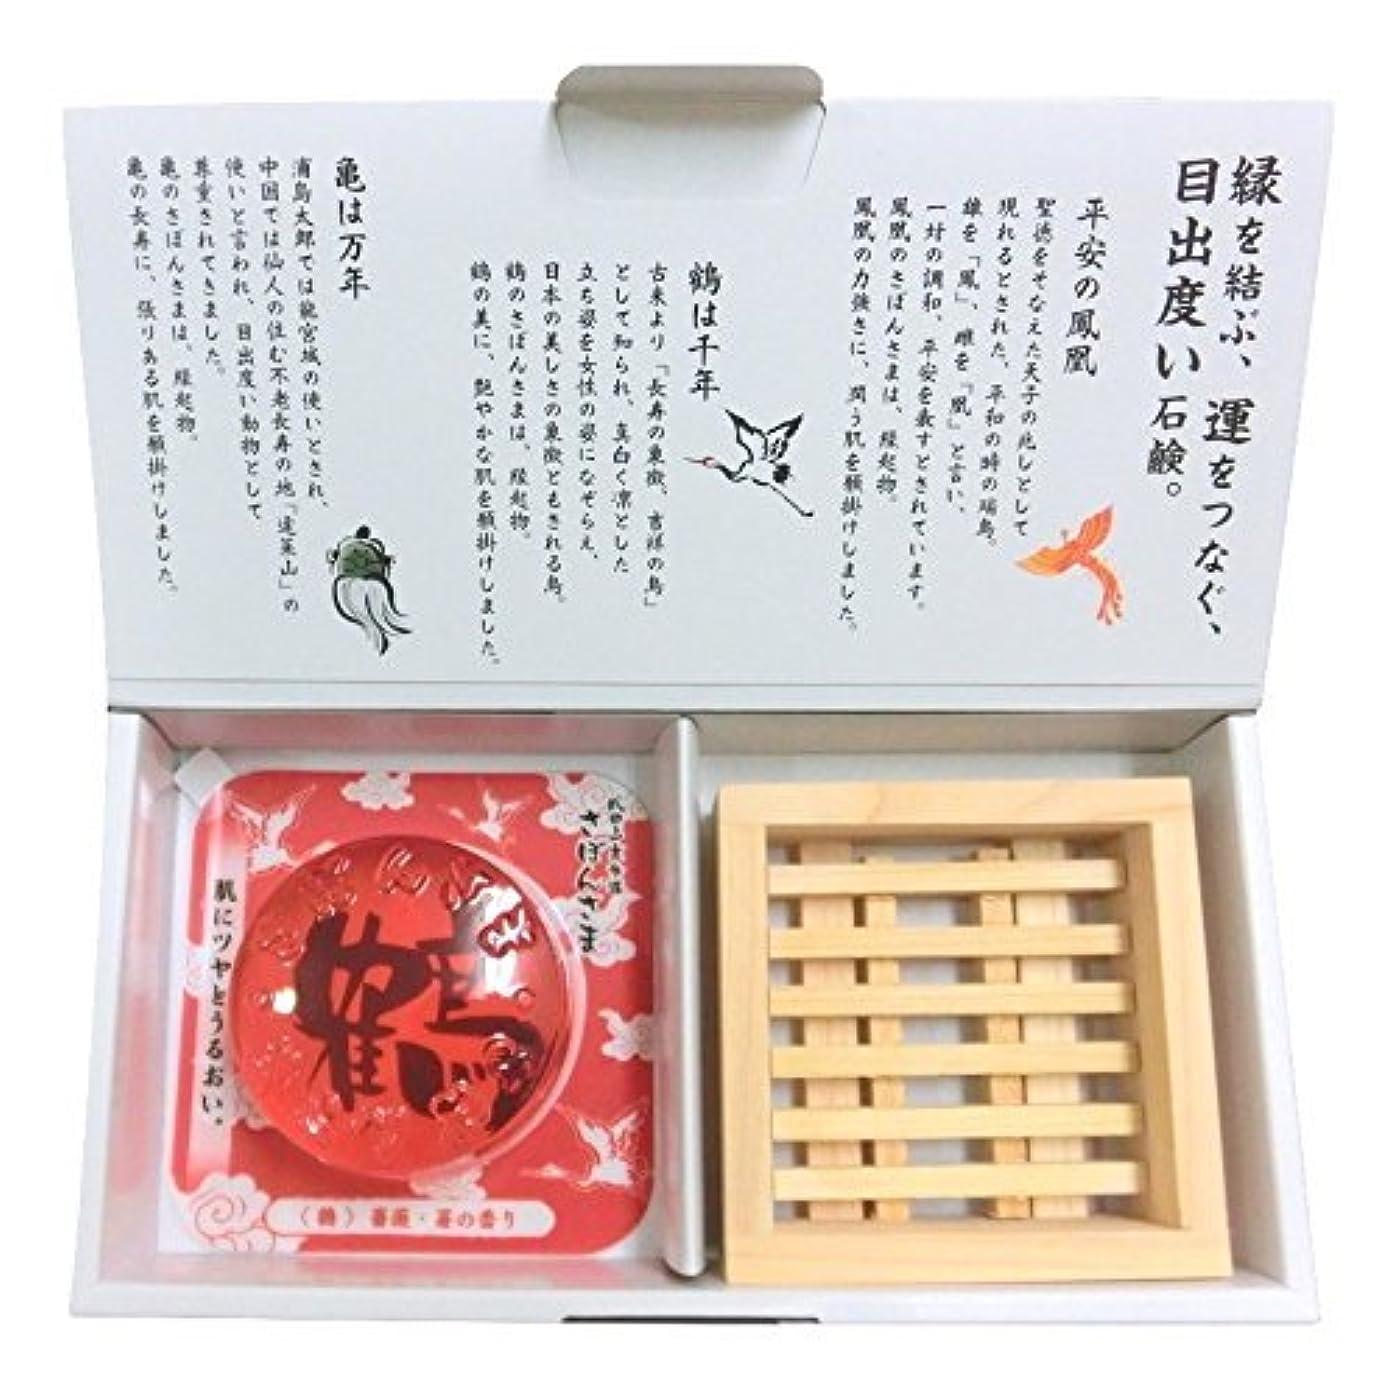 繰り返す広いビジター成田山表参道 さぼんさま〈鶴?檜石鹸置きセット〉薔薇と苺の香り